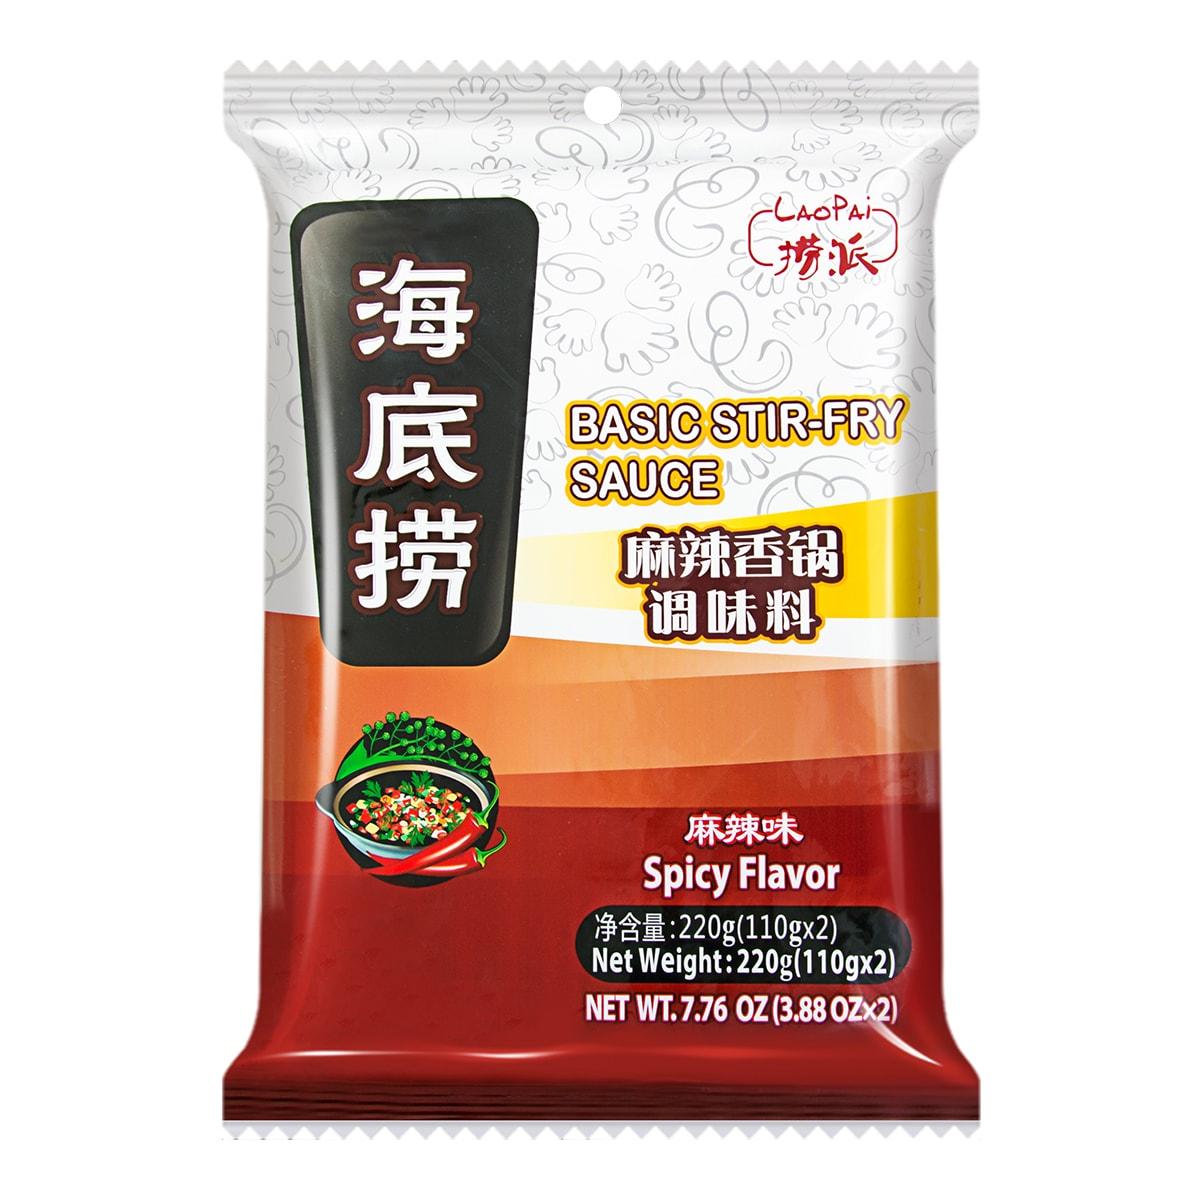 海底捞 调味料系列 麻辣香锅调味料 麻辣味 220g